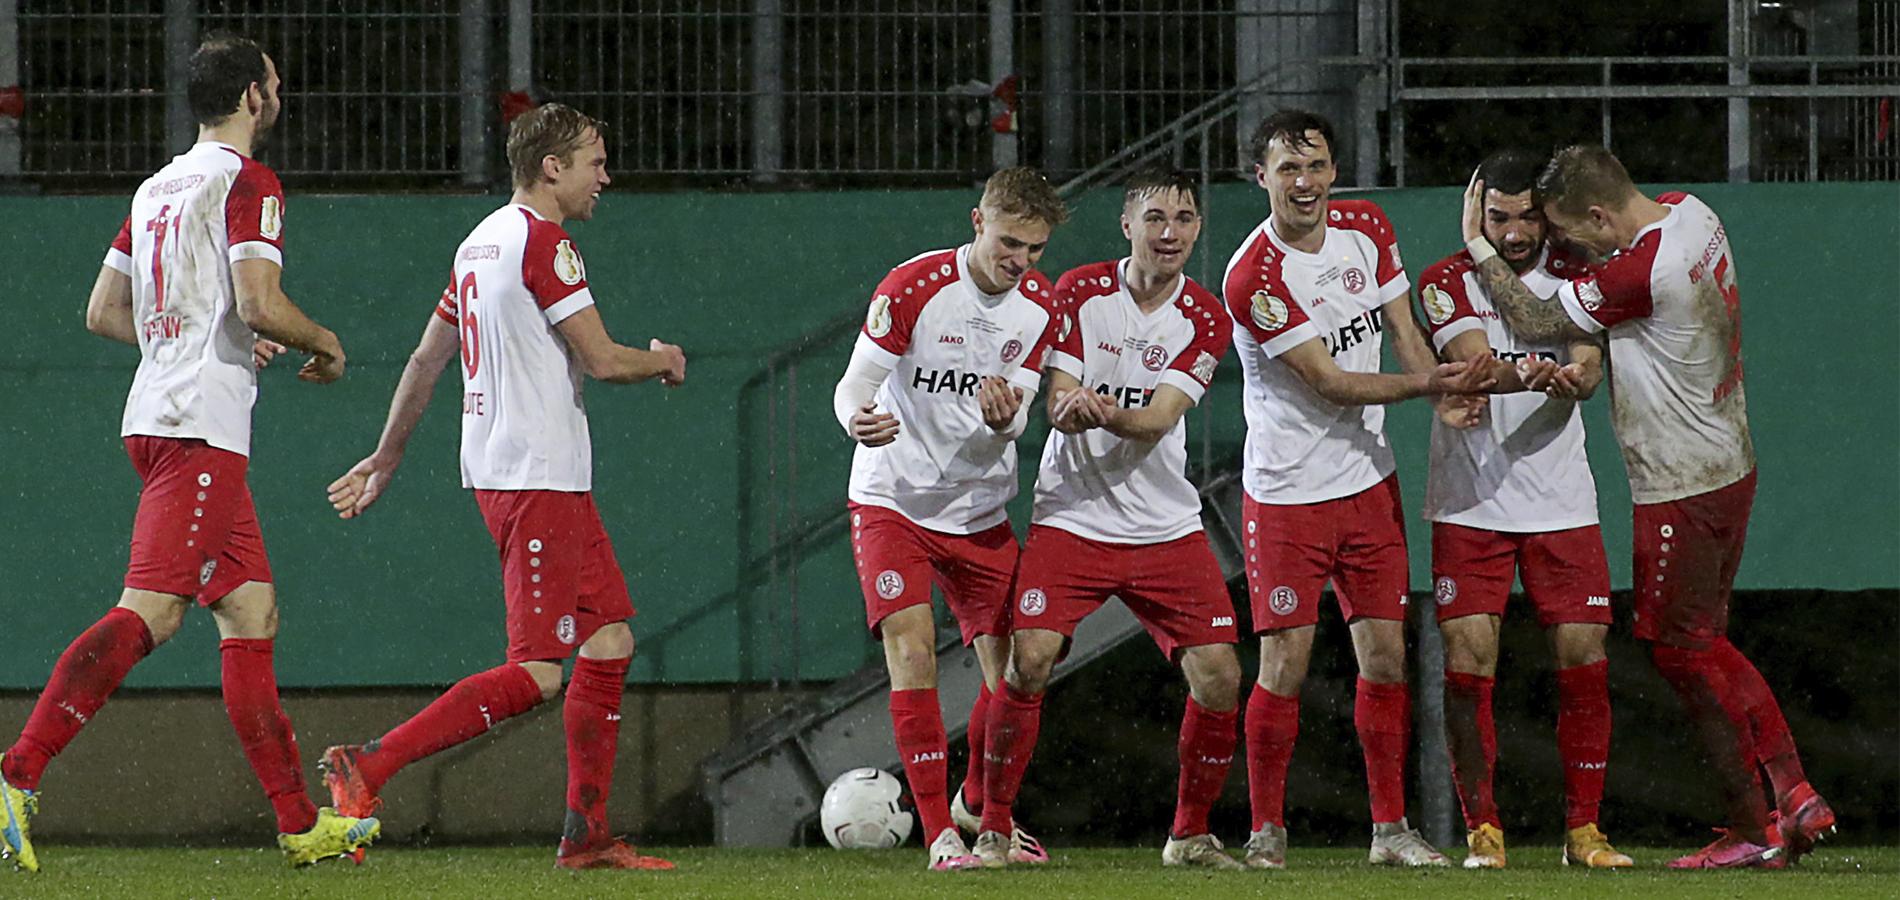 Mal so richtig Grund zum Jubel! RWE schlägt den Bundesligisten Bayer Leverkusen mit 2:1. (Foto: Endberg)